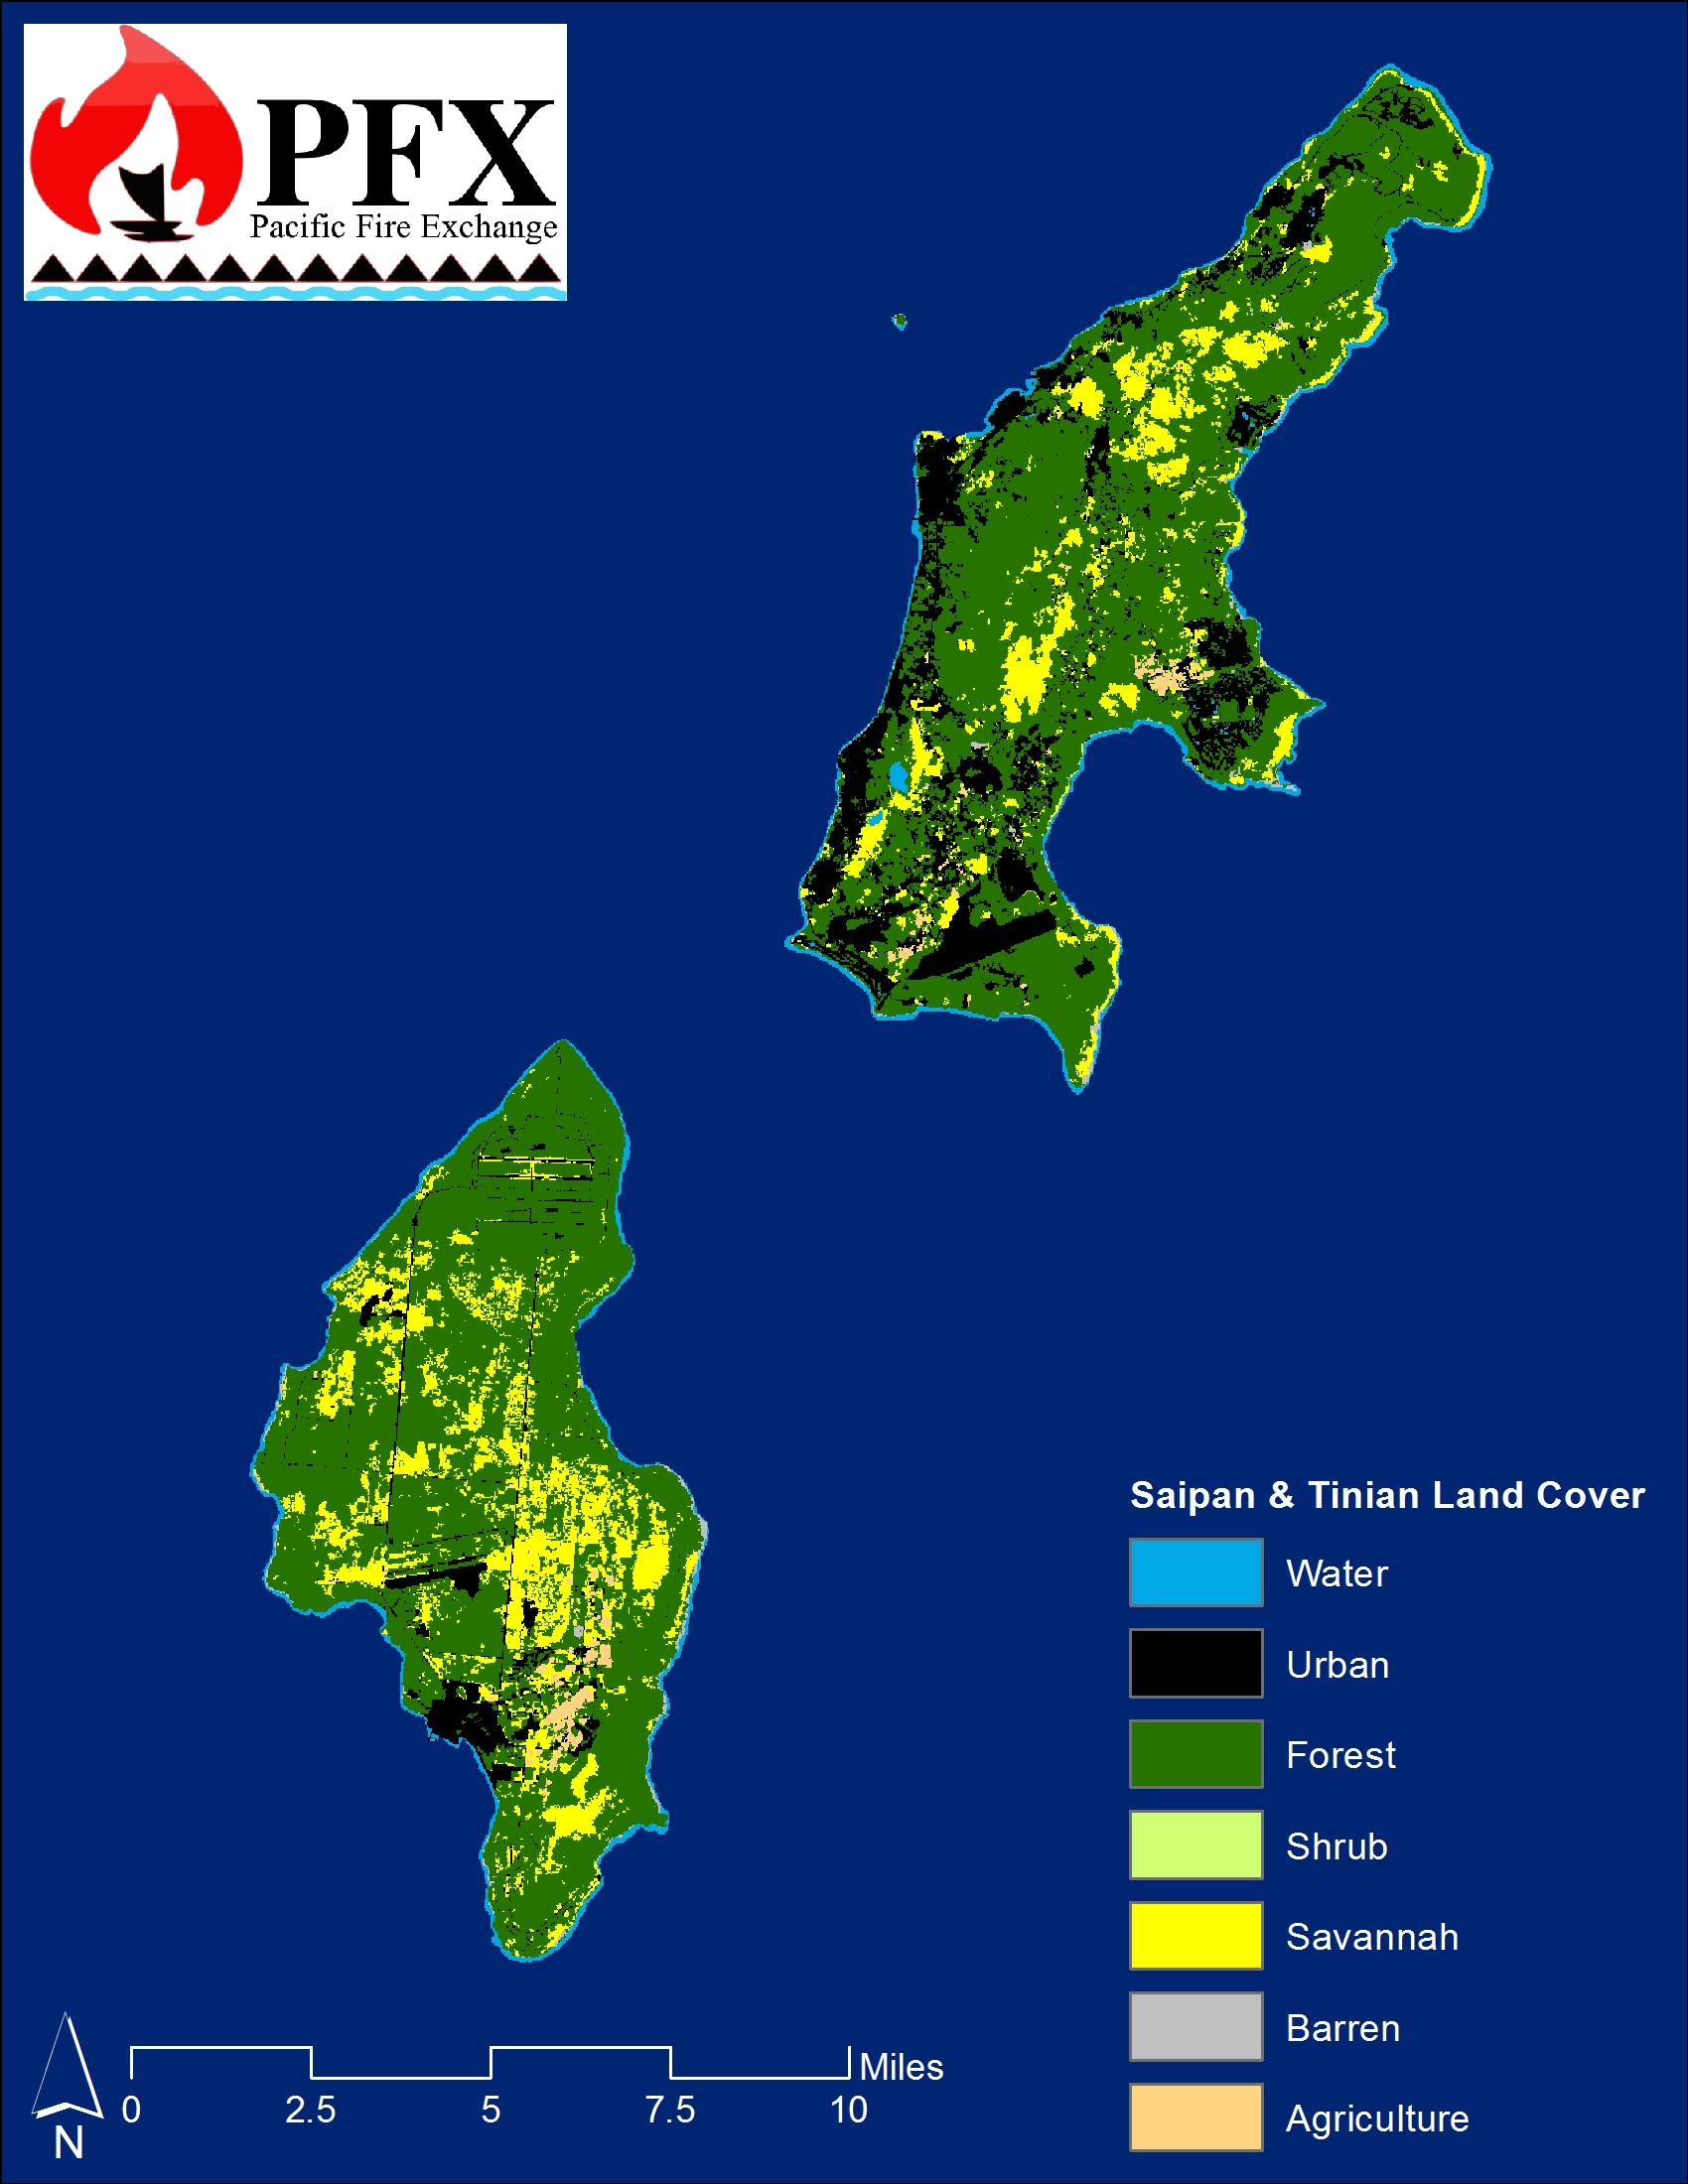 Saipan & Tinian Land Cover